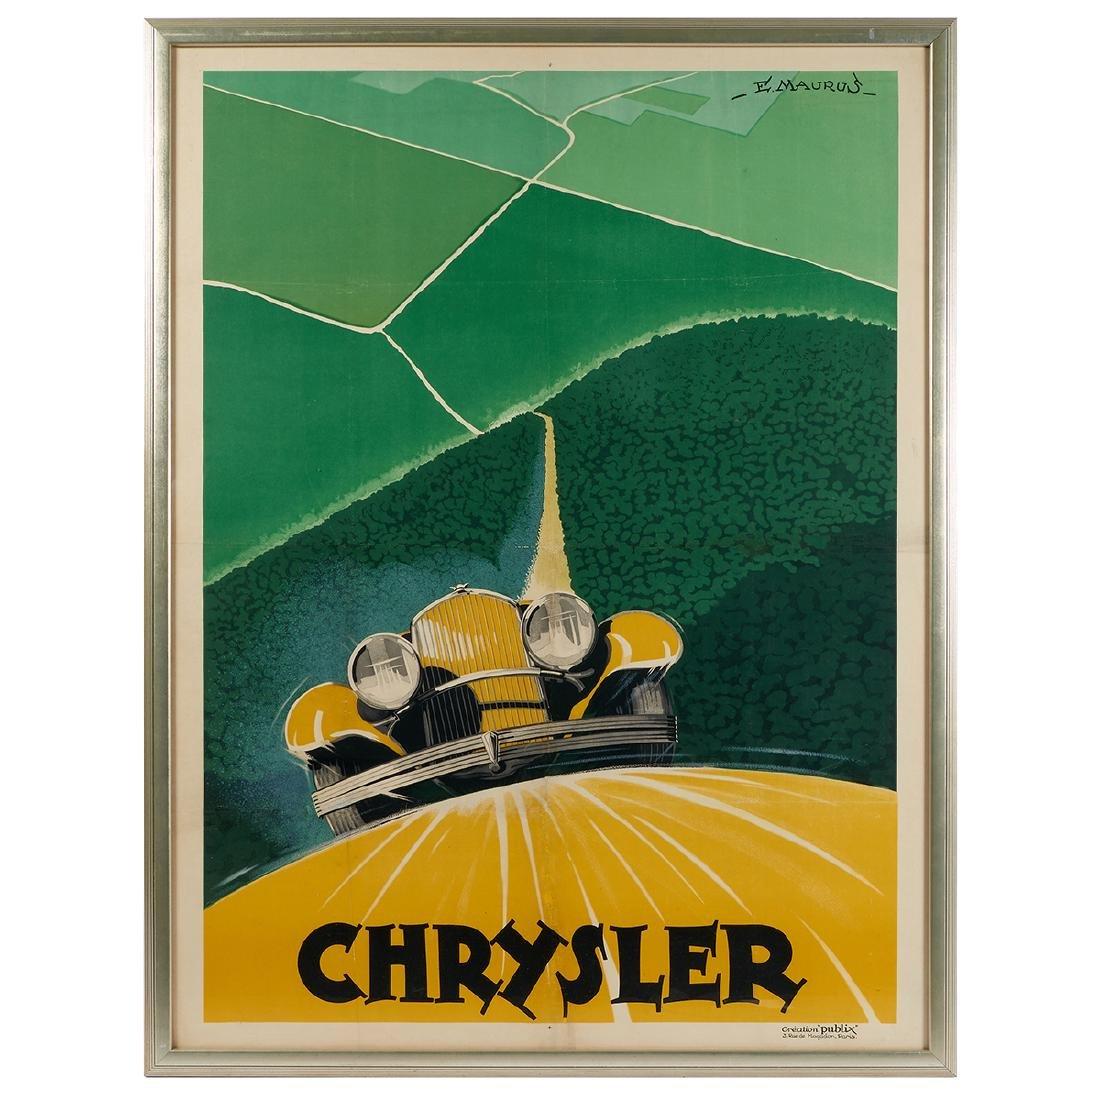 Edmond Maurus, Chrysler - 2